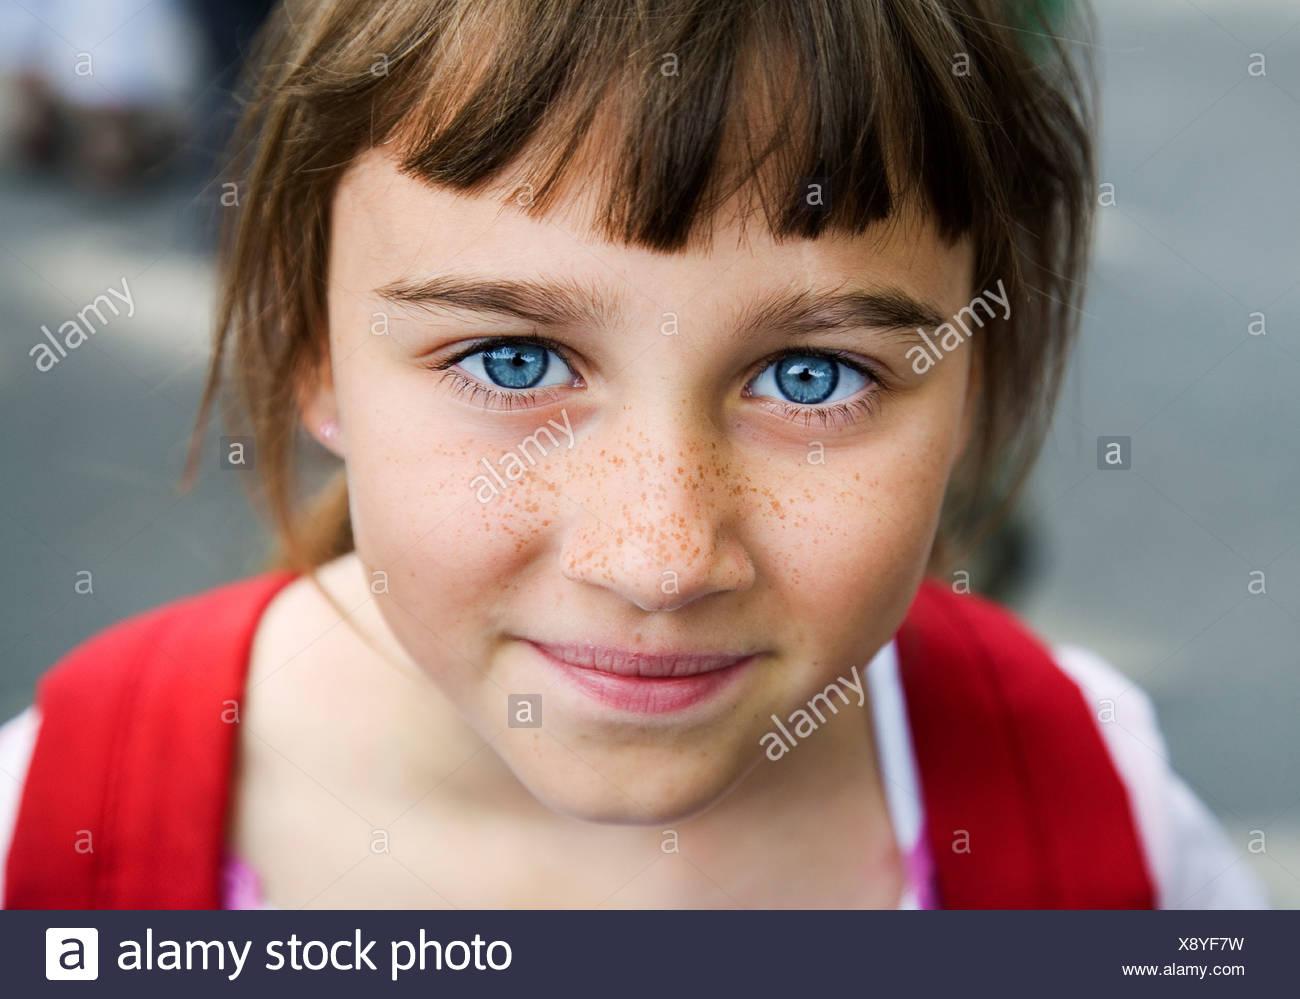 Blaue augen sommersprossen dunkle haare Haar